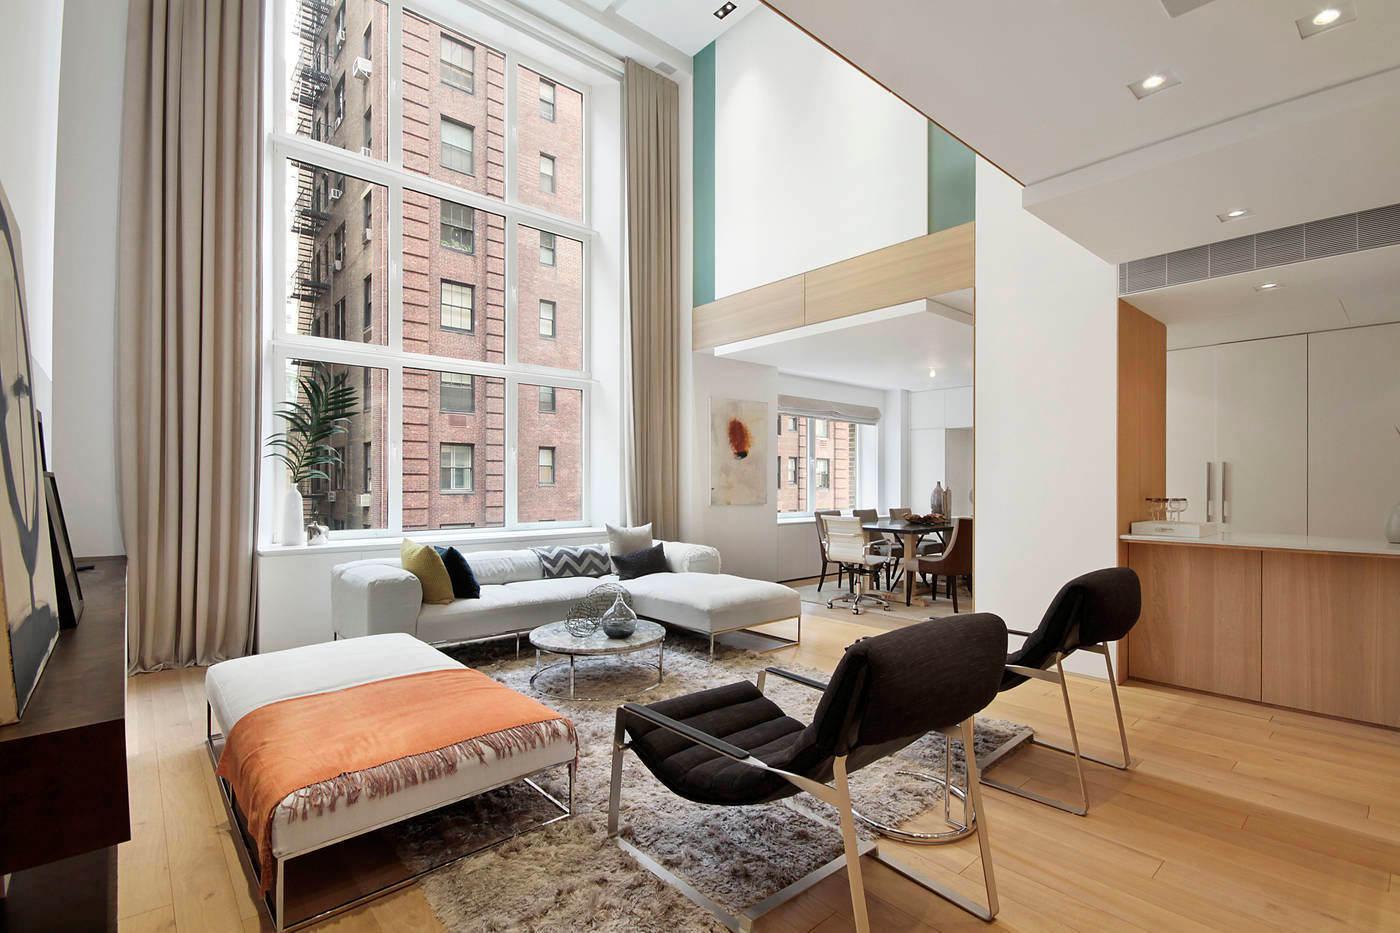 简约宜家风复式设计,大大的落地窗,让客厅通透